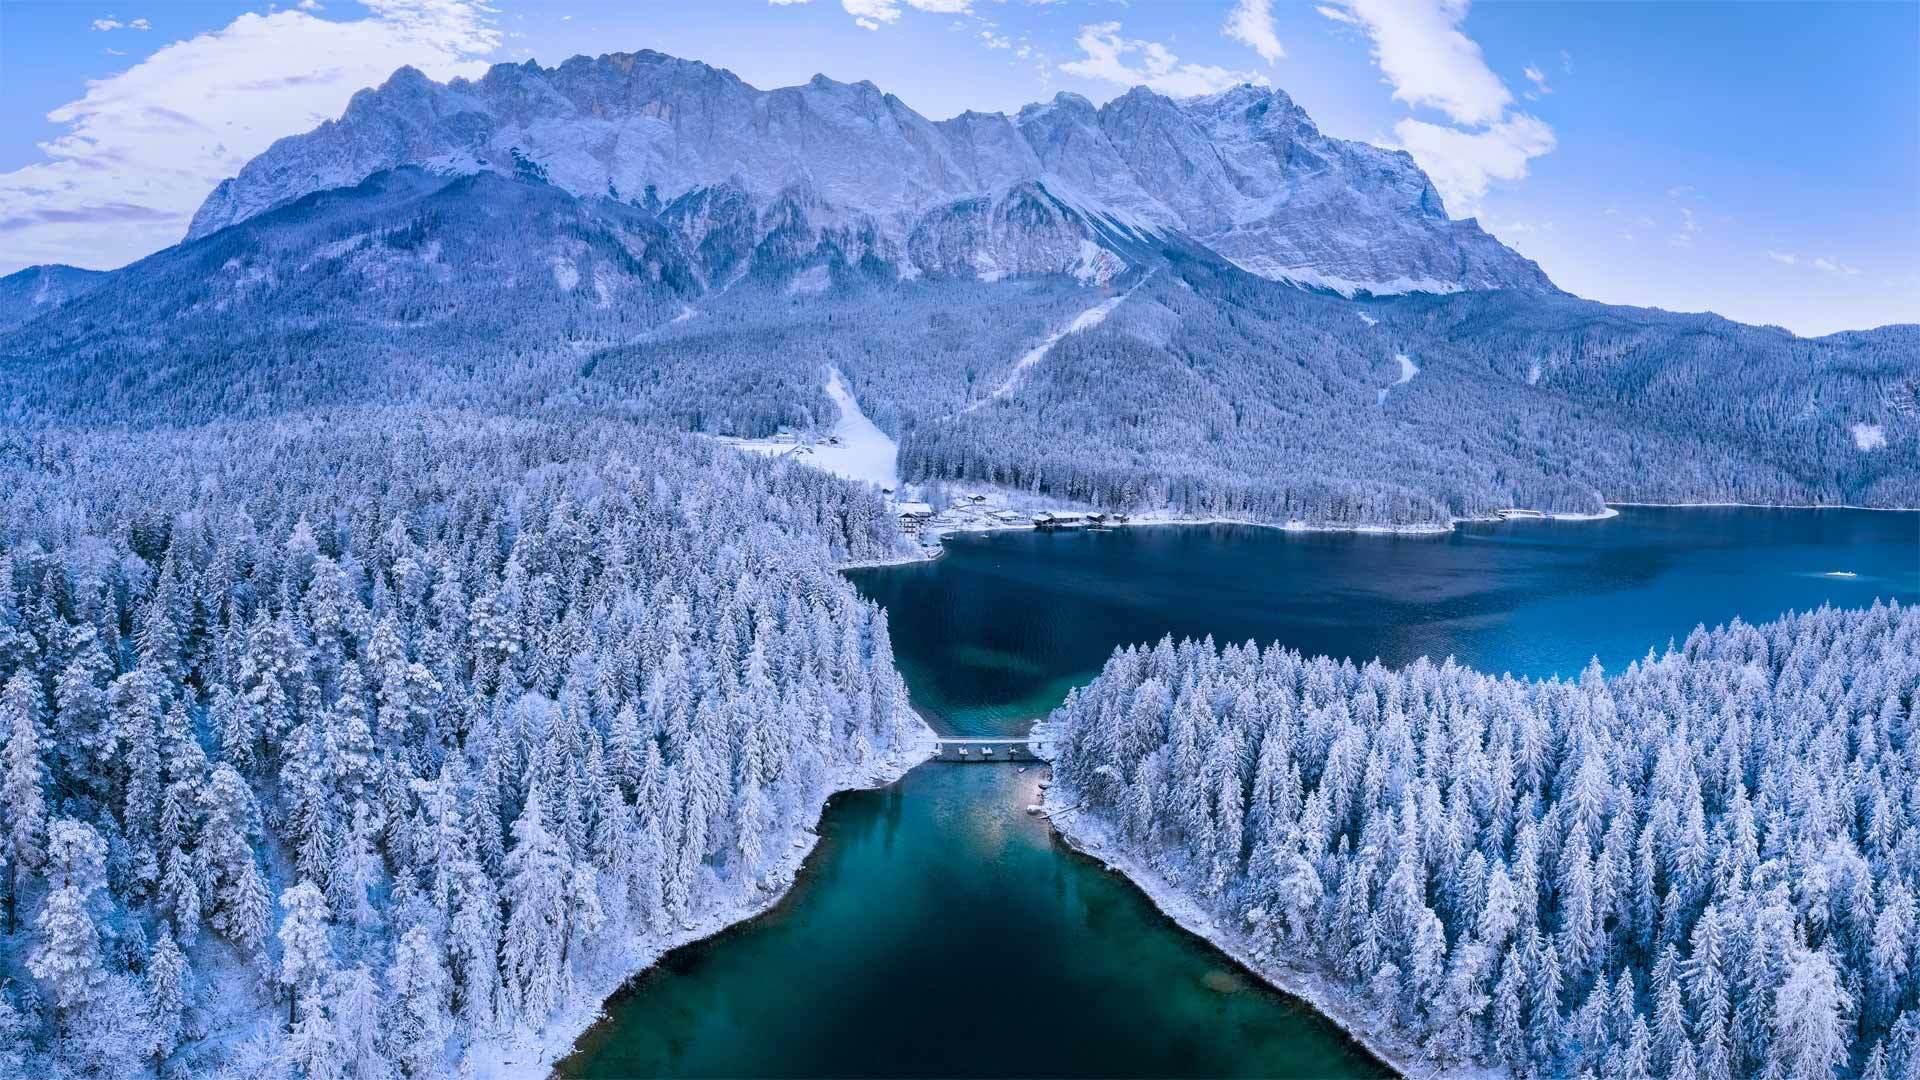 楚格峰下的艾布湖艾布湖